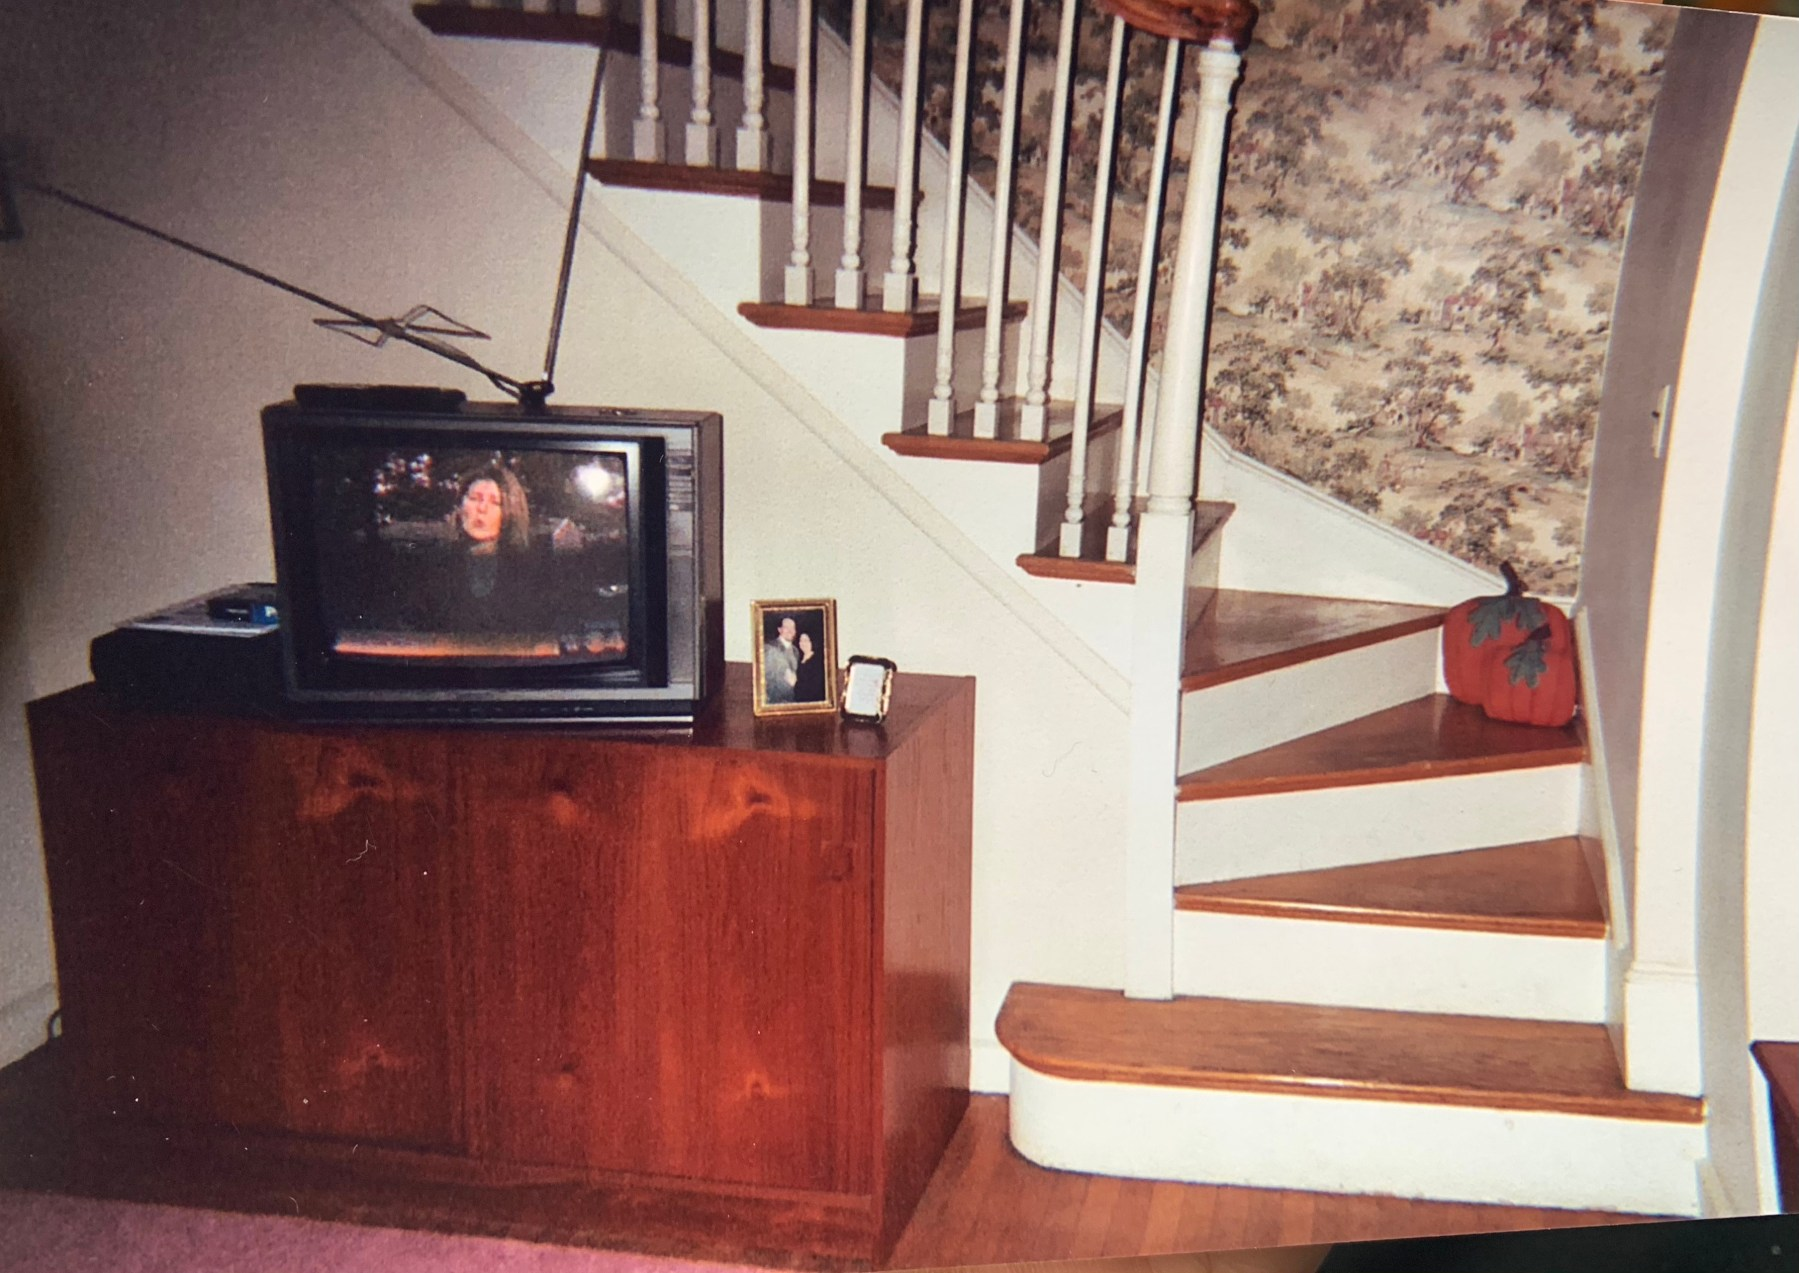 125 Lexington Street apartment 5, Kathi Horton photo